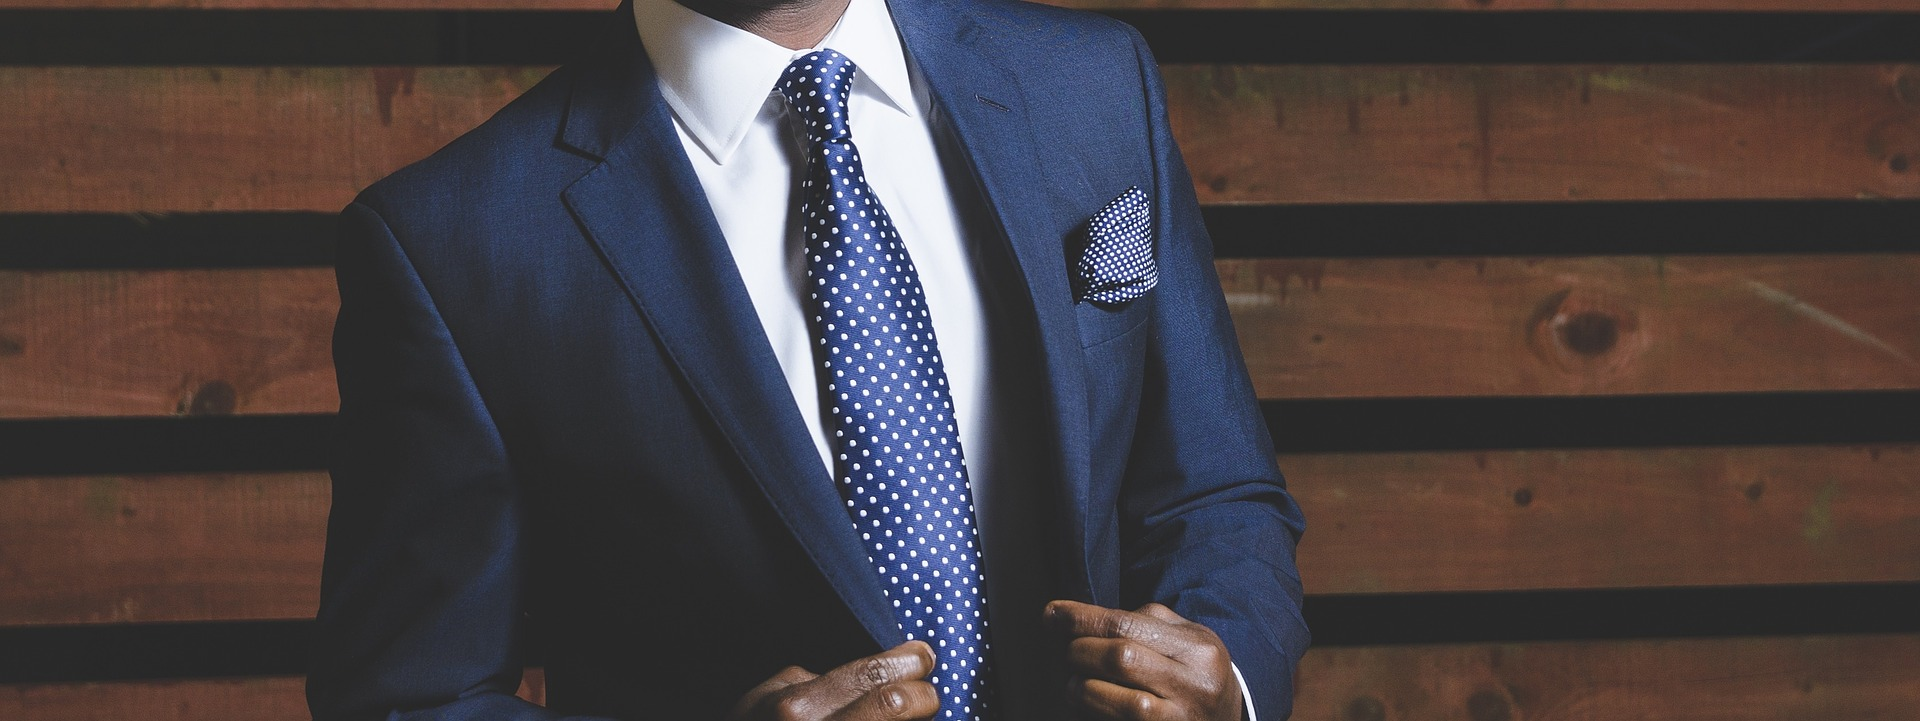 new product a6037 6d2f6 Schick im Job: Tipps zum Krawatte binden | Karriere und ...